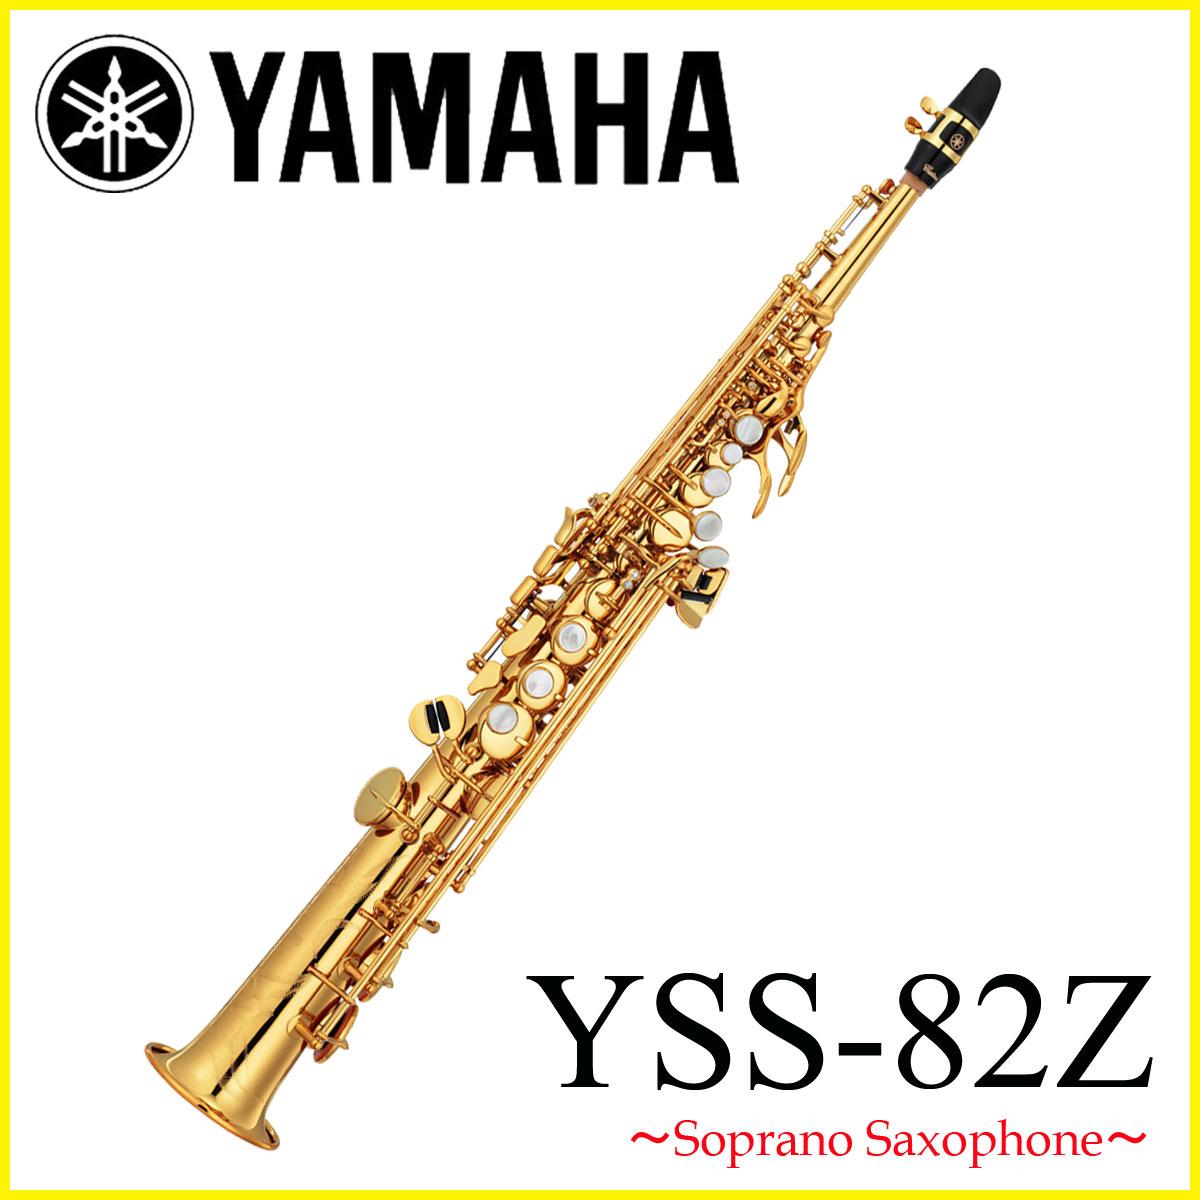 【タイムセール:17日12時まで】【在庫あり】YAMAHA / YSS-82Z ヤマハ ソプラノサックス ラッカー仕上 カスタムシリーズ YSS82Z 《未展示倉庫保管の新品をお届け》《出荷前検品付き》《2-3日で取寄せ可能》【5年保証】